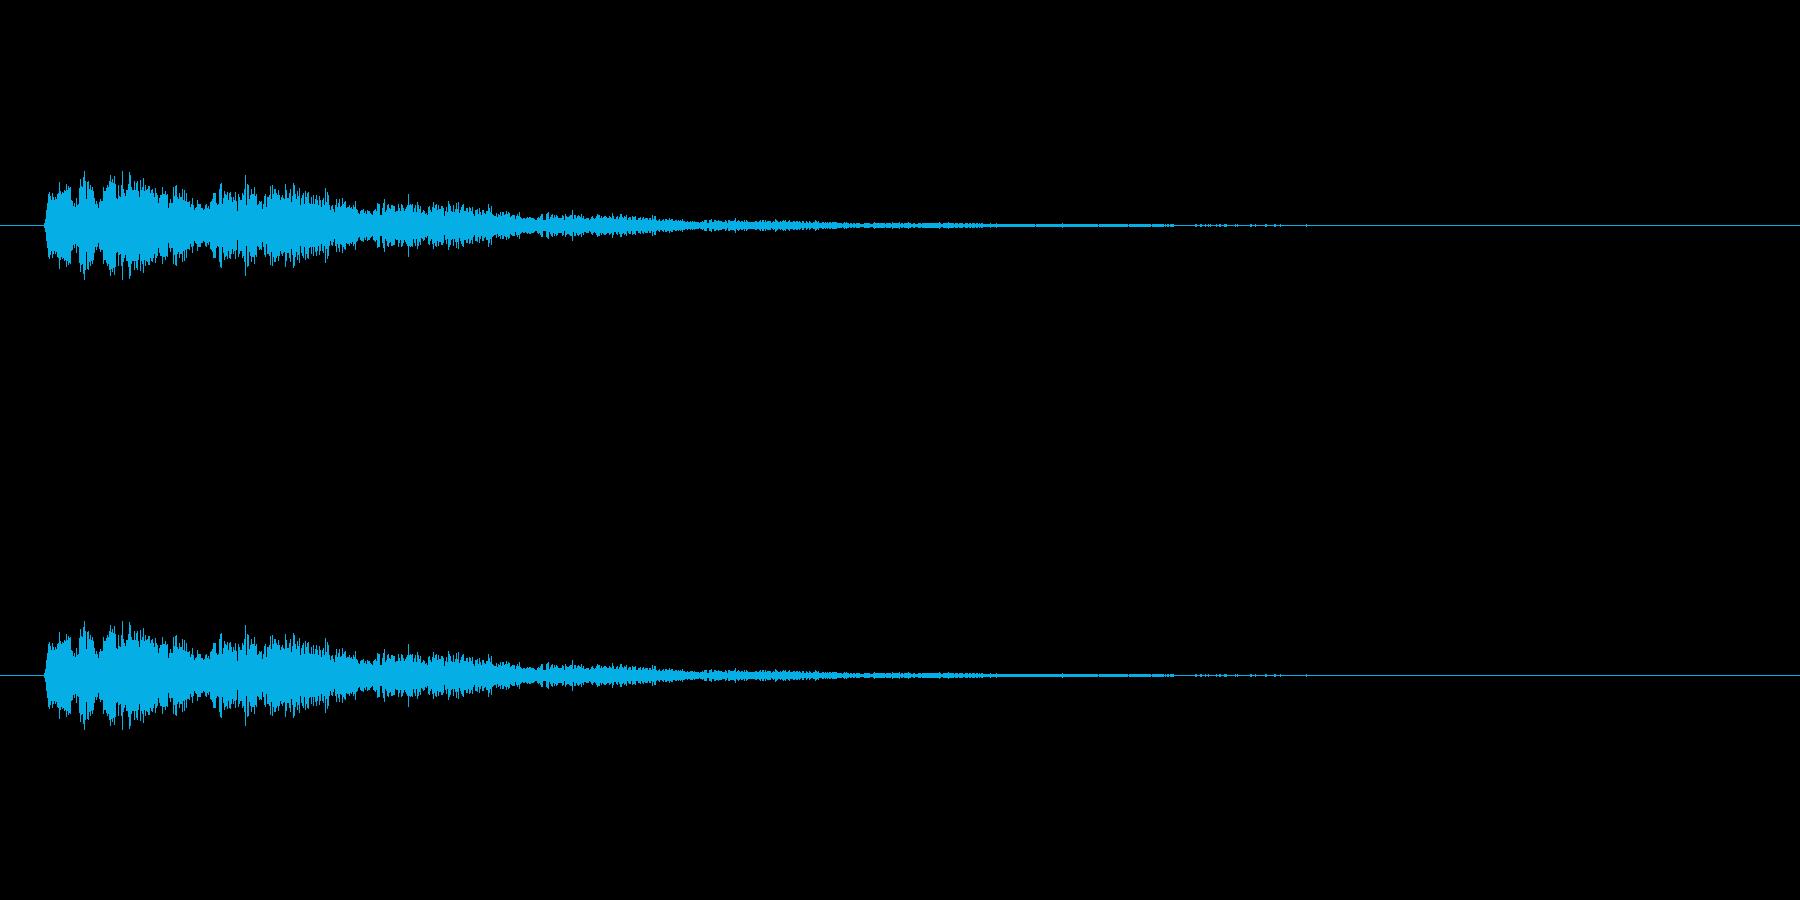 【ポップモーション43-3】の再生済みの波形